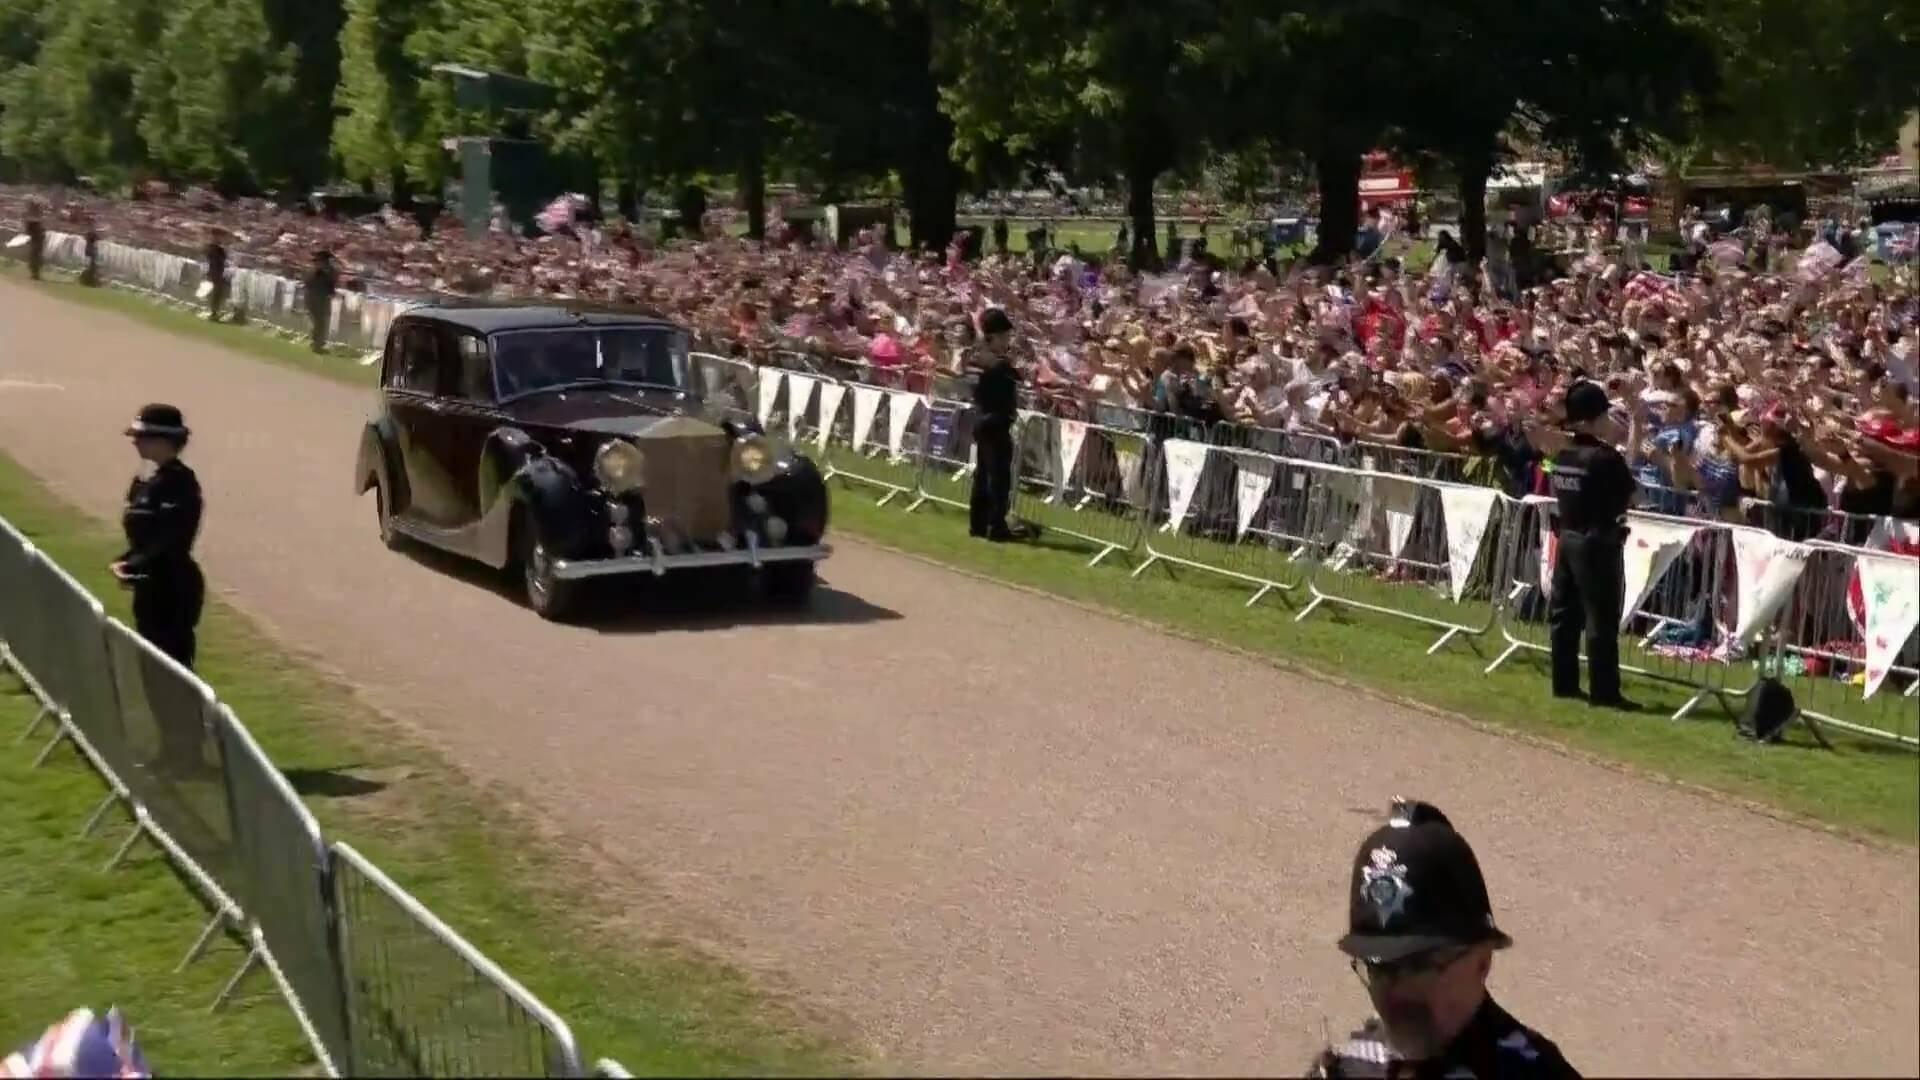 هر آنچه در مورد ماشین عروس انگلیسی نمیدانید/ خودروی ملکه الیزابت دوم زیر پای عروس جدید بریتانیا